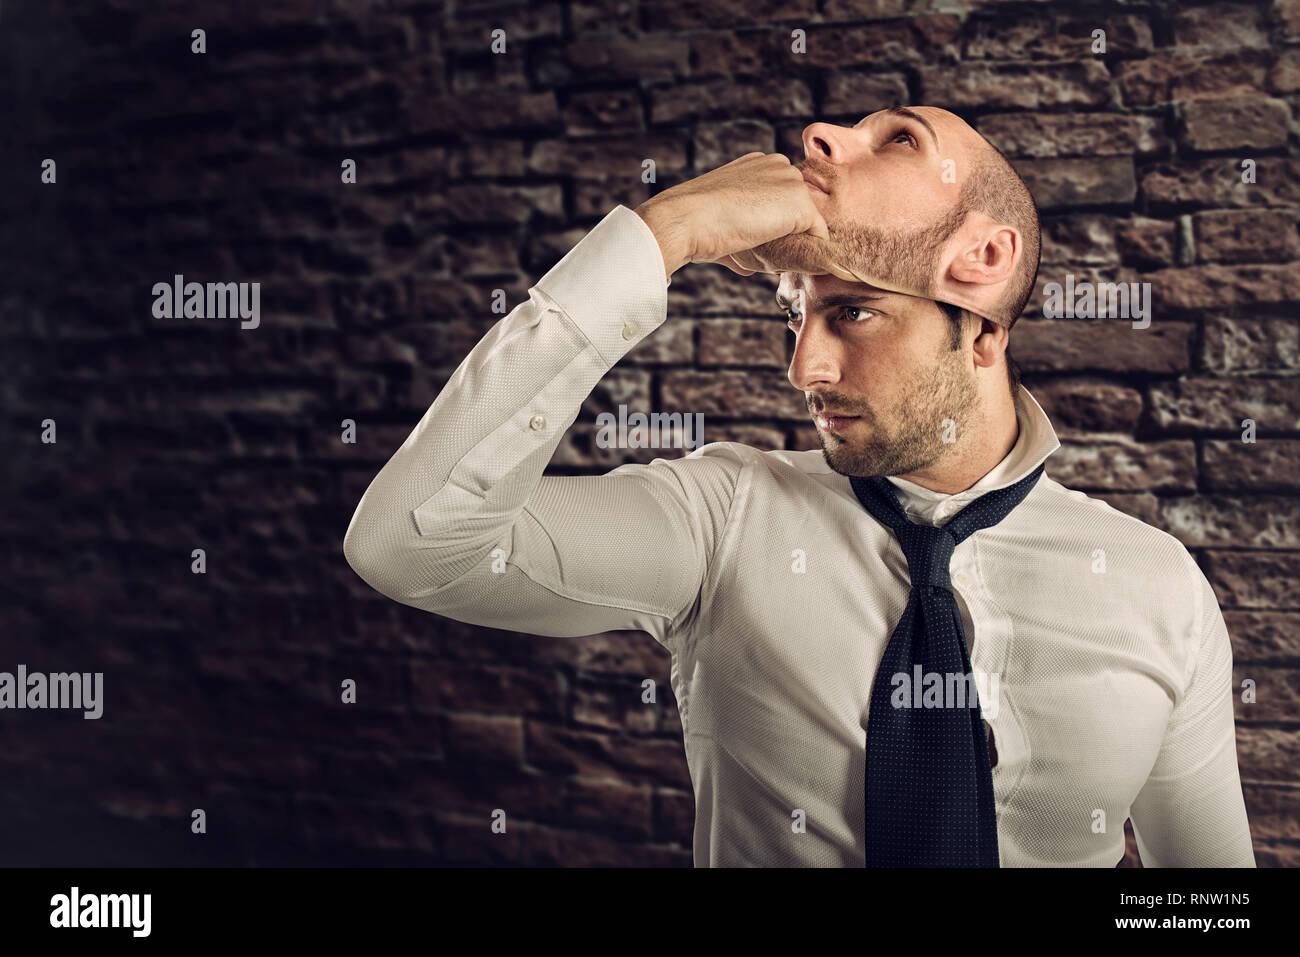 Unternehmer mit mehreren Veränderungen der Persönlichkeit die Maske Stockbild